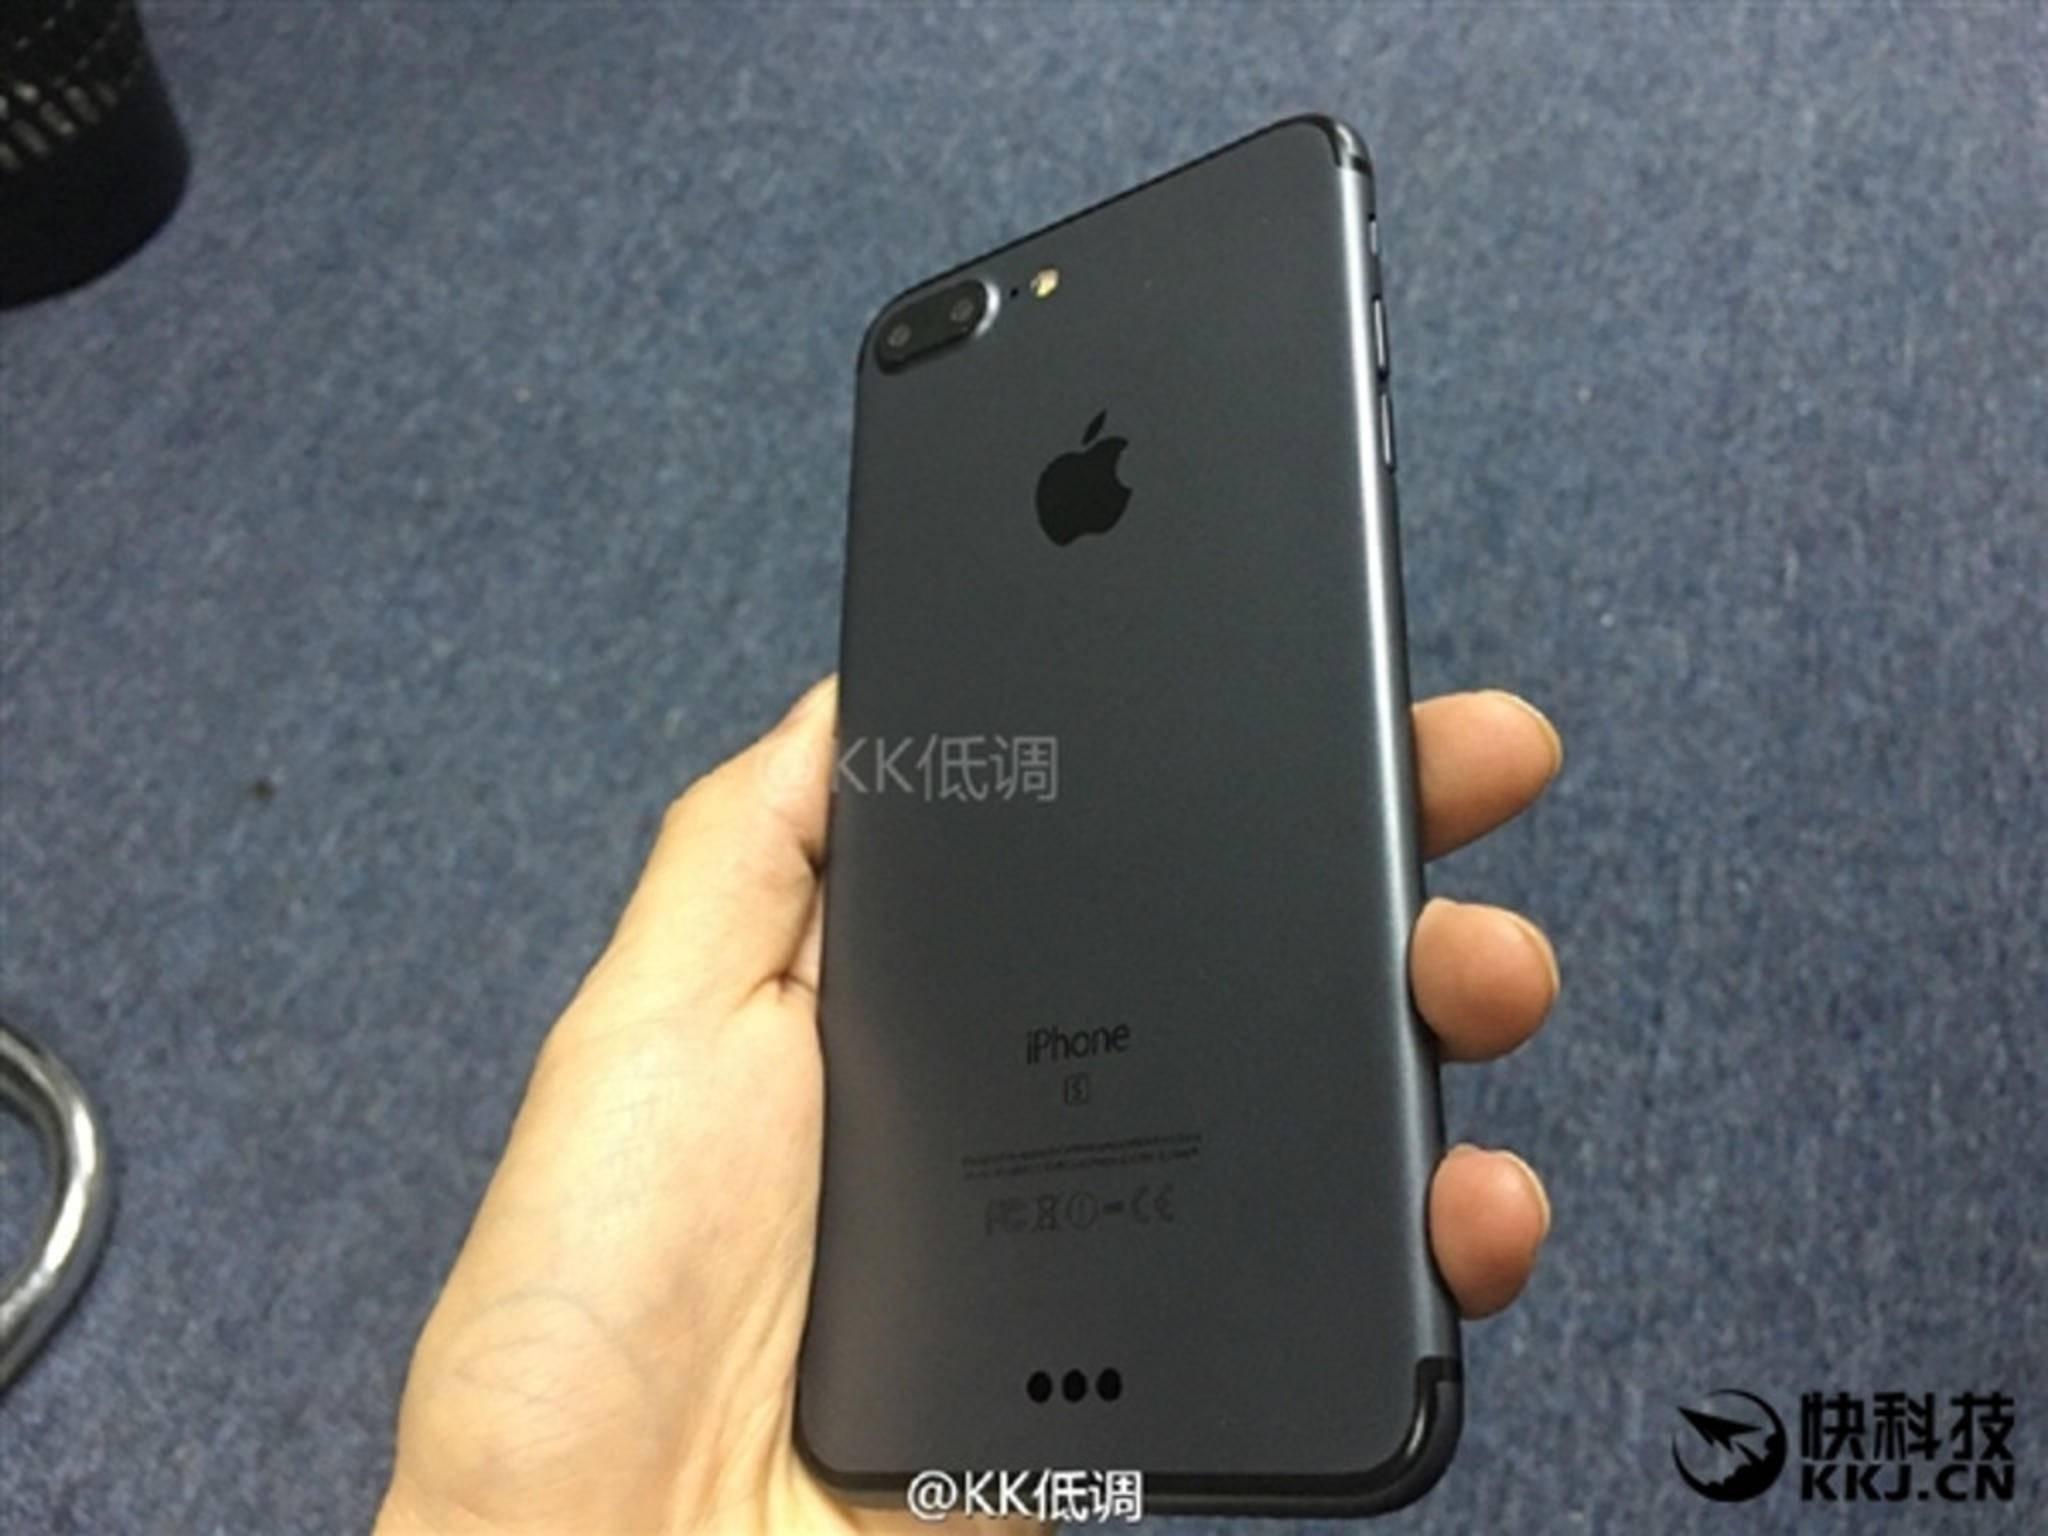 So sieht das neue iPhone 7 Plus angeblich aus.